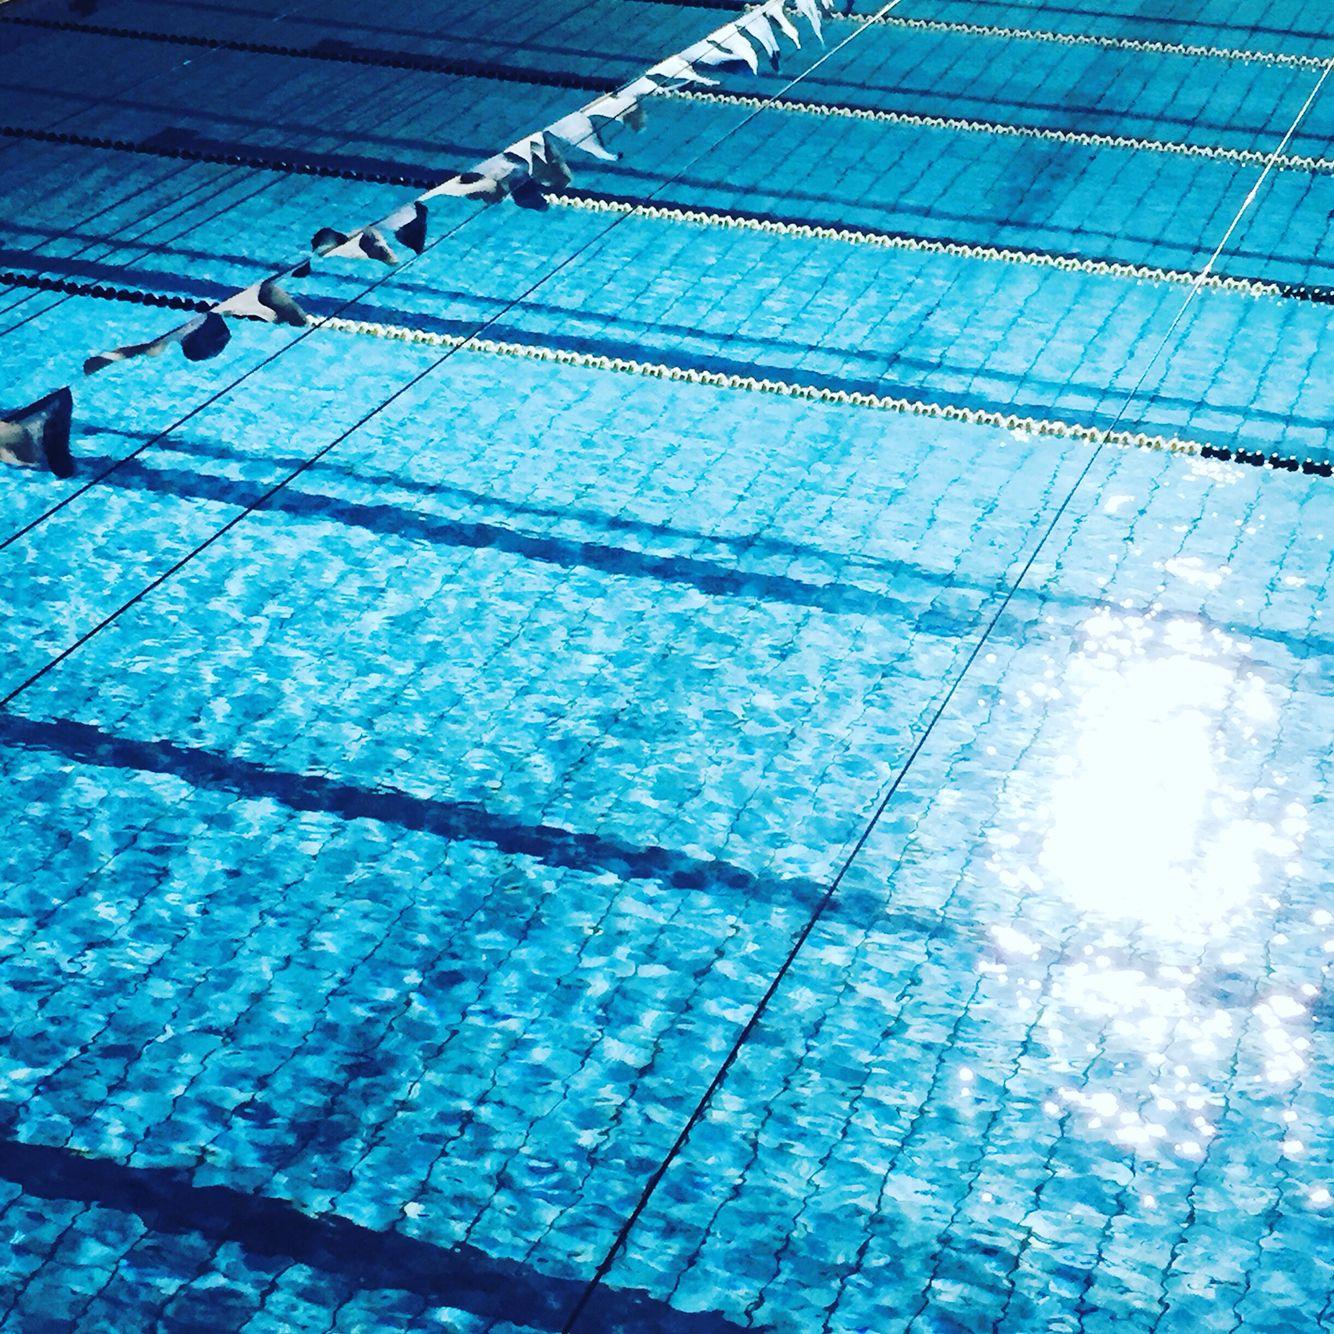 Swimming pool | Neihu | Taipei, Taiwan